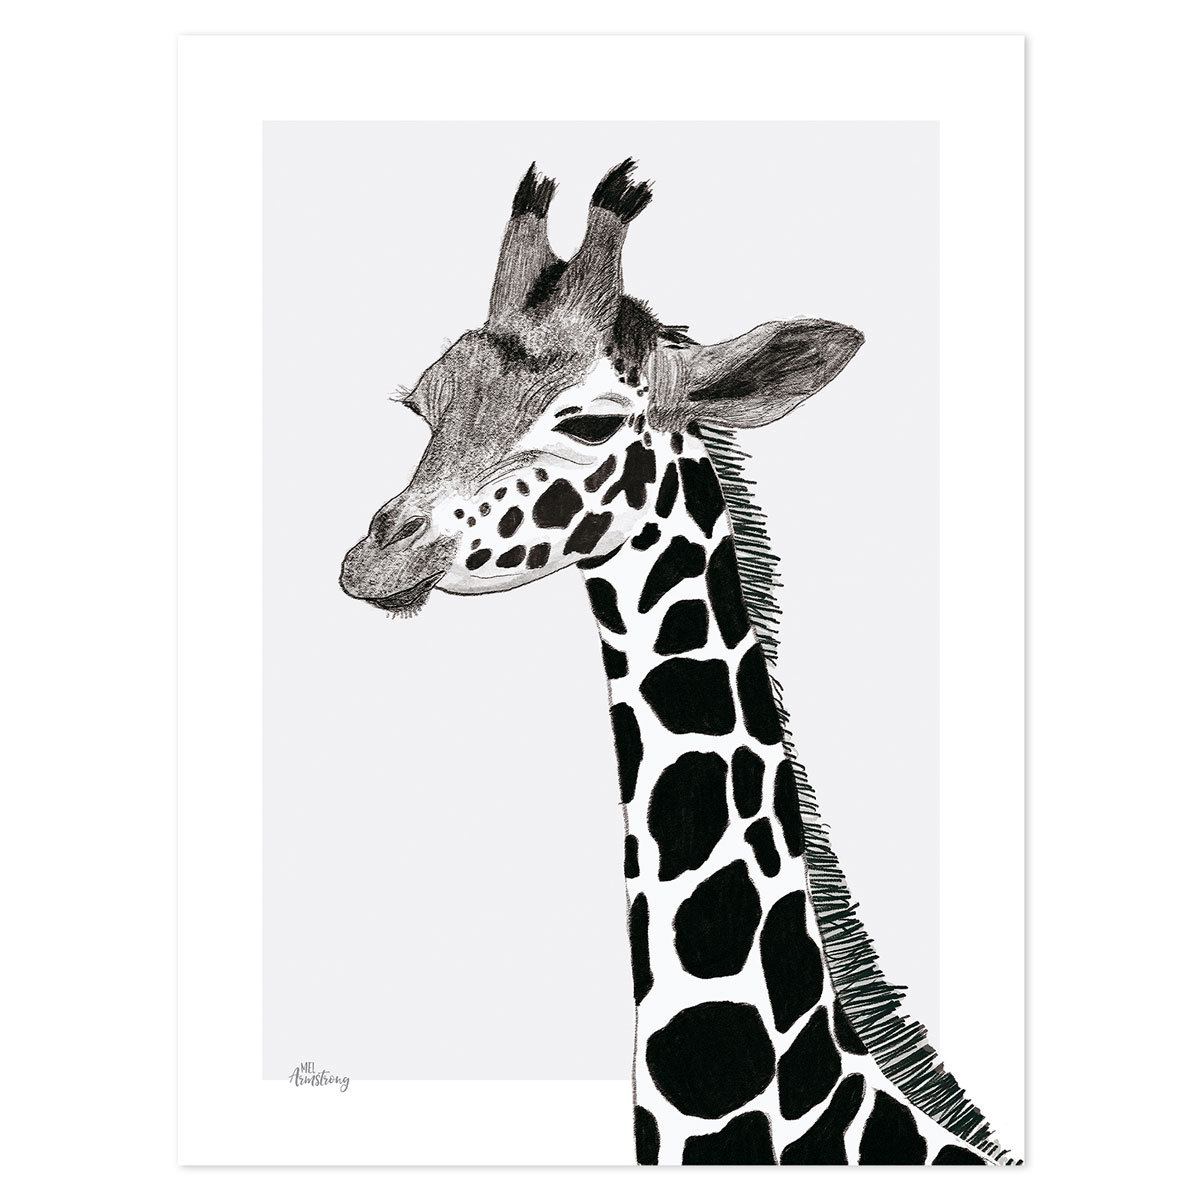 Affiche & poster Serengeti - Affiche La Girafe Serengeti - Affiche La Girafe